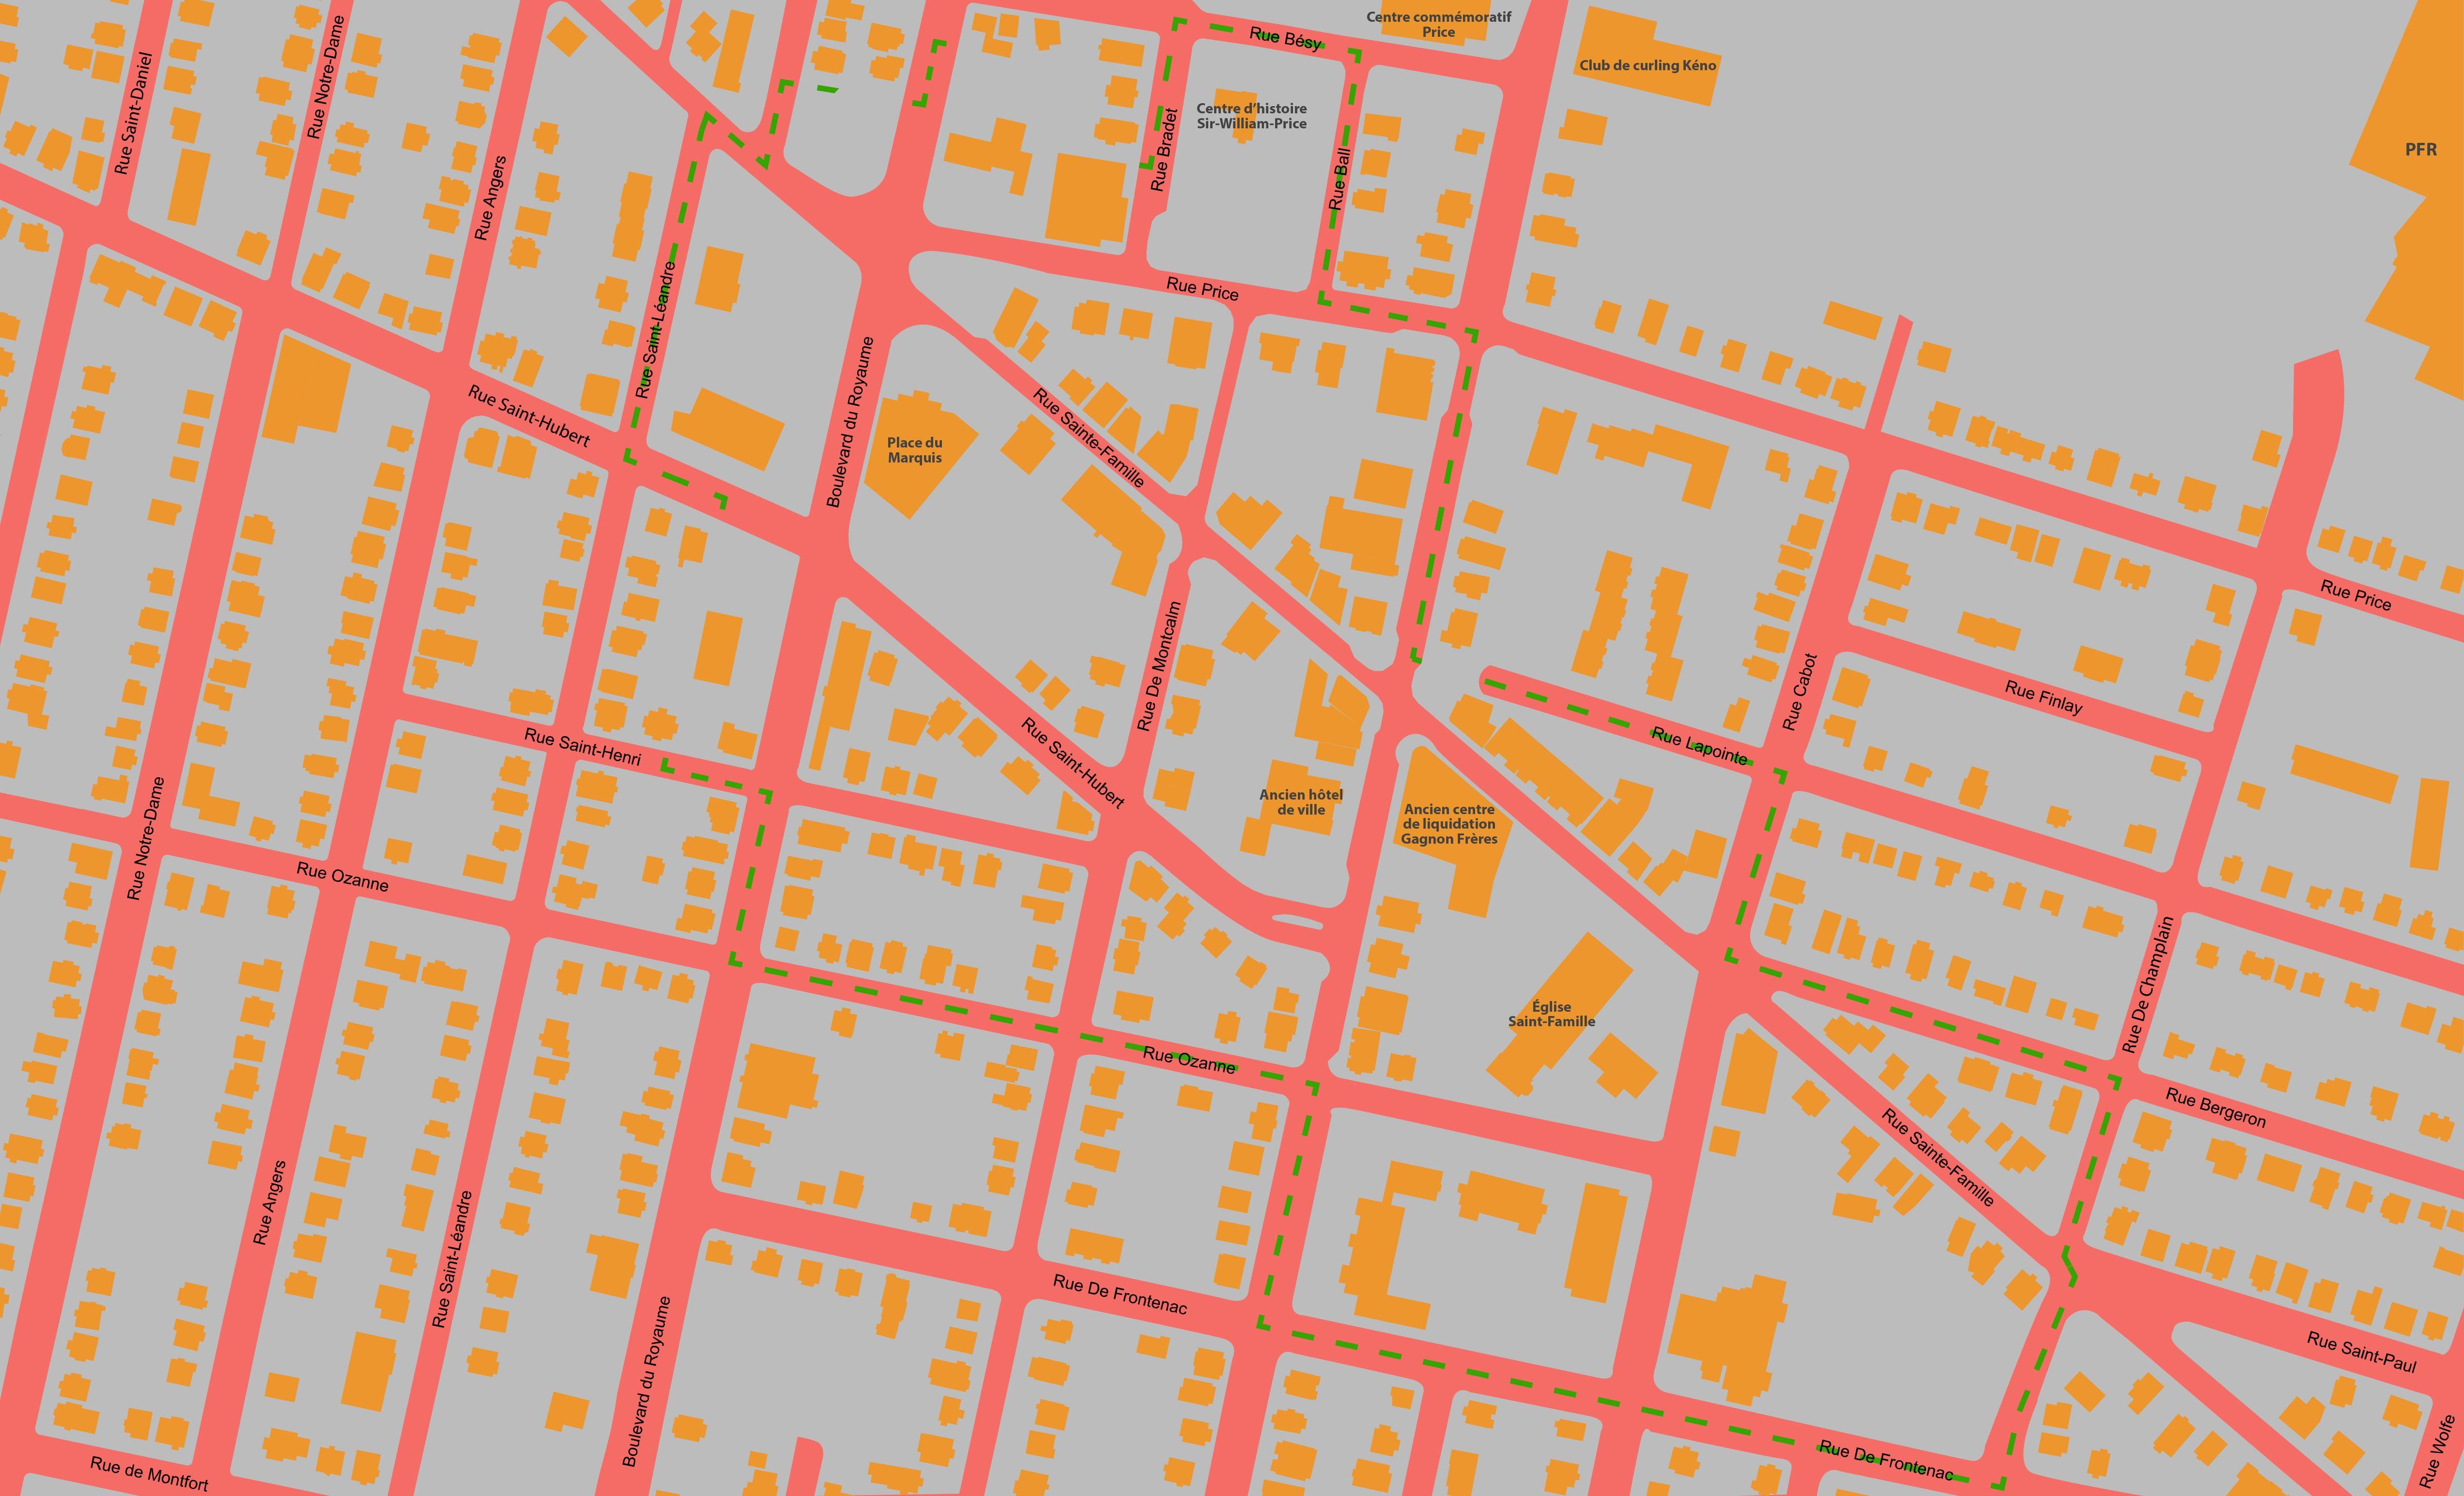 Carte du centre-ville de kénogami.jpg